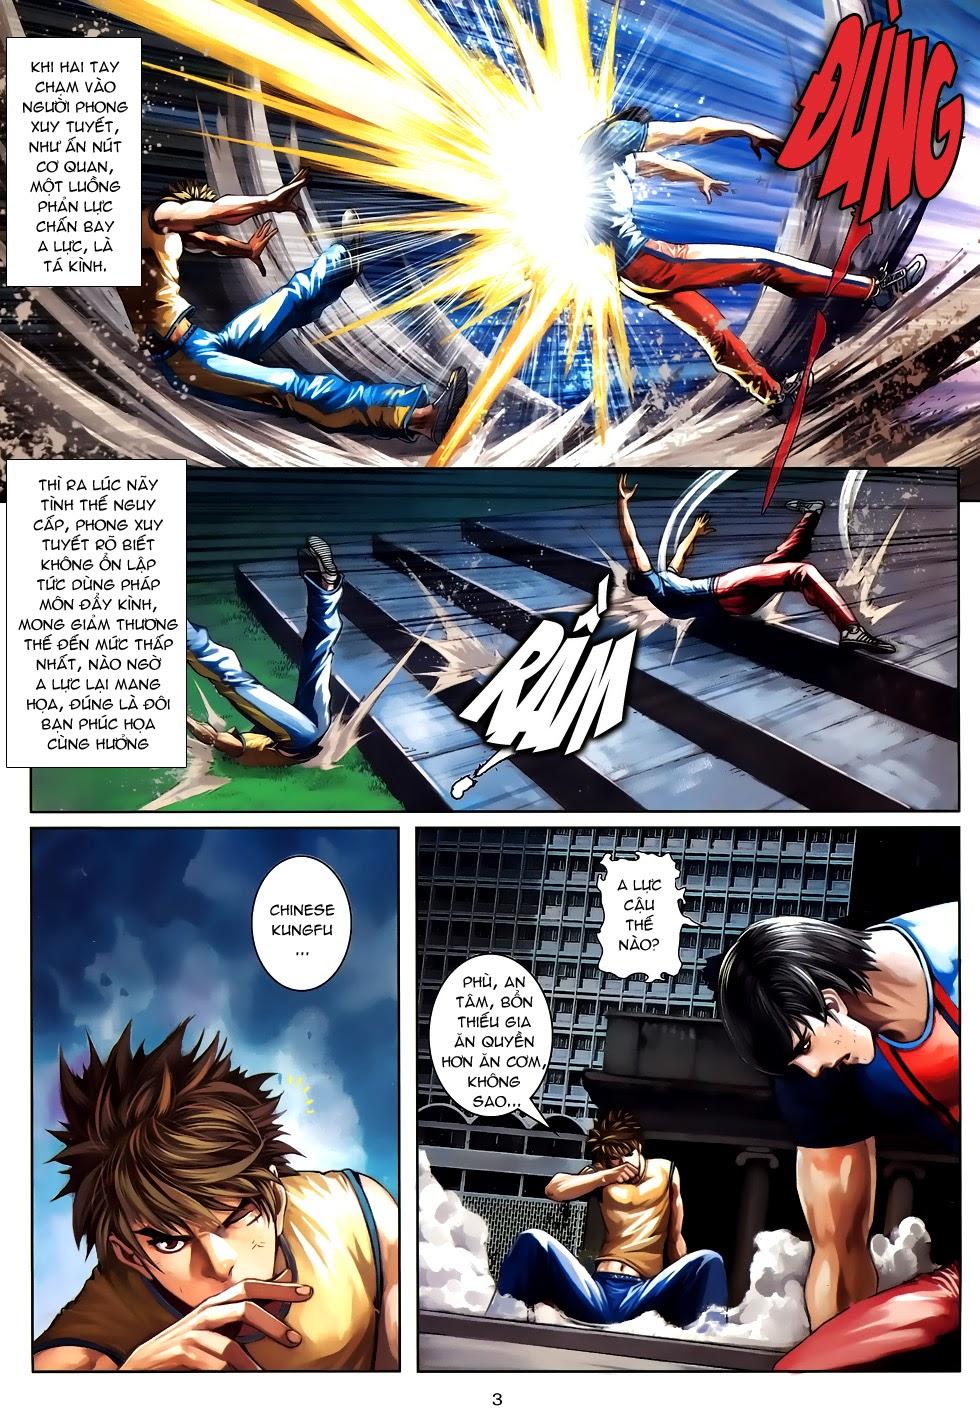 Quyền Đạo chapter 10 trang 3